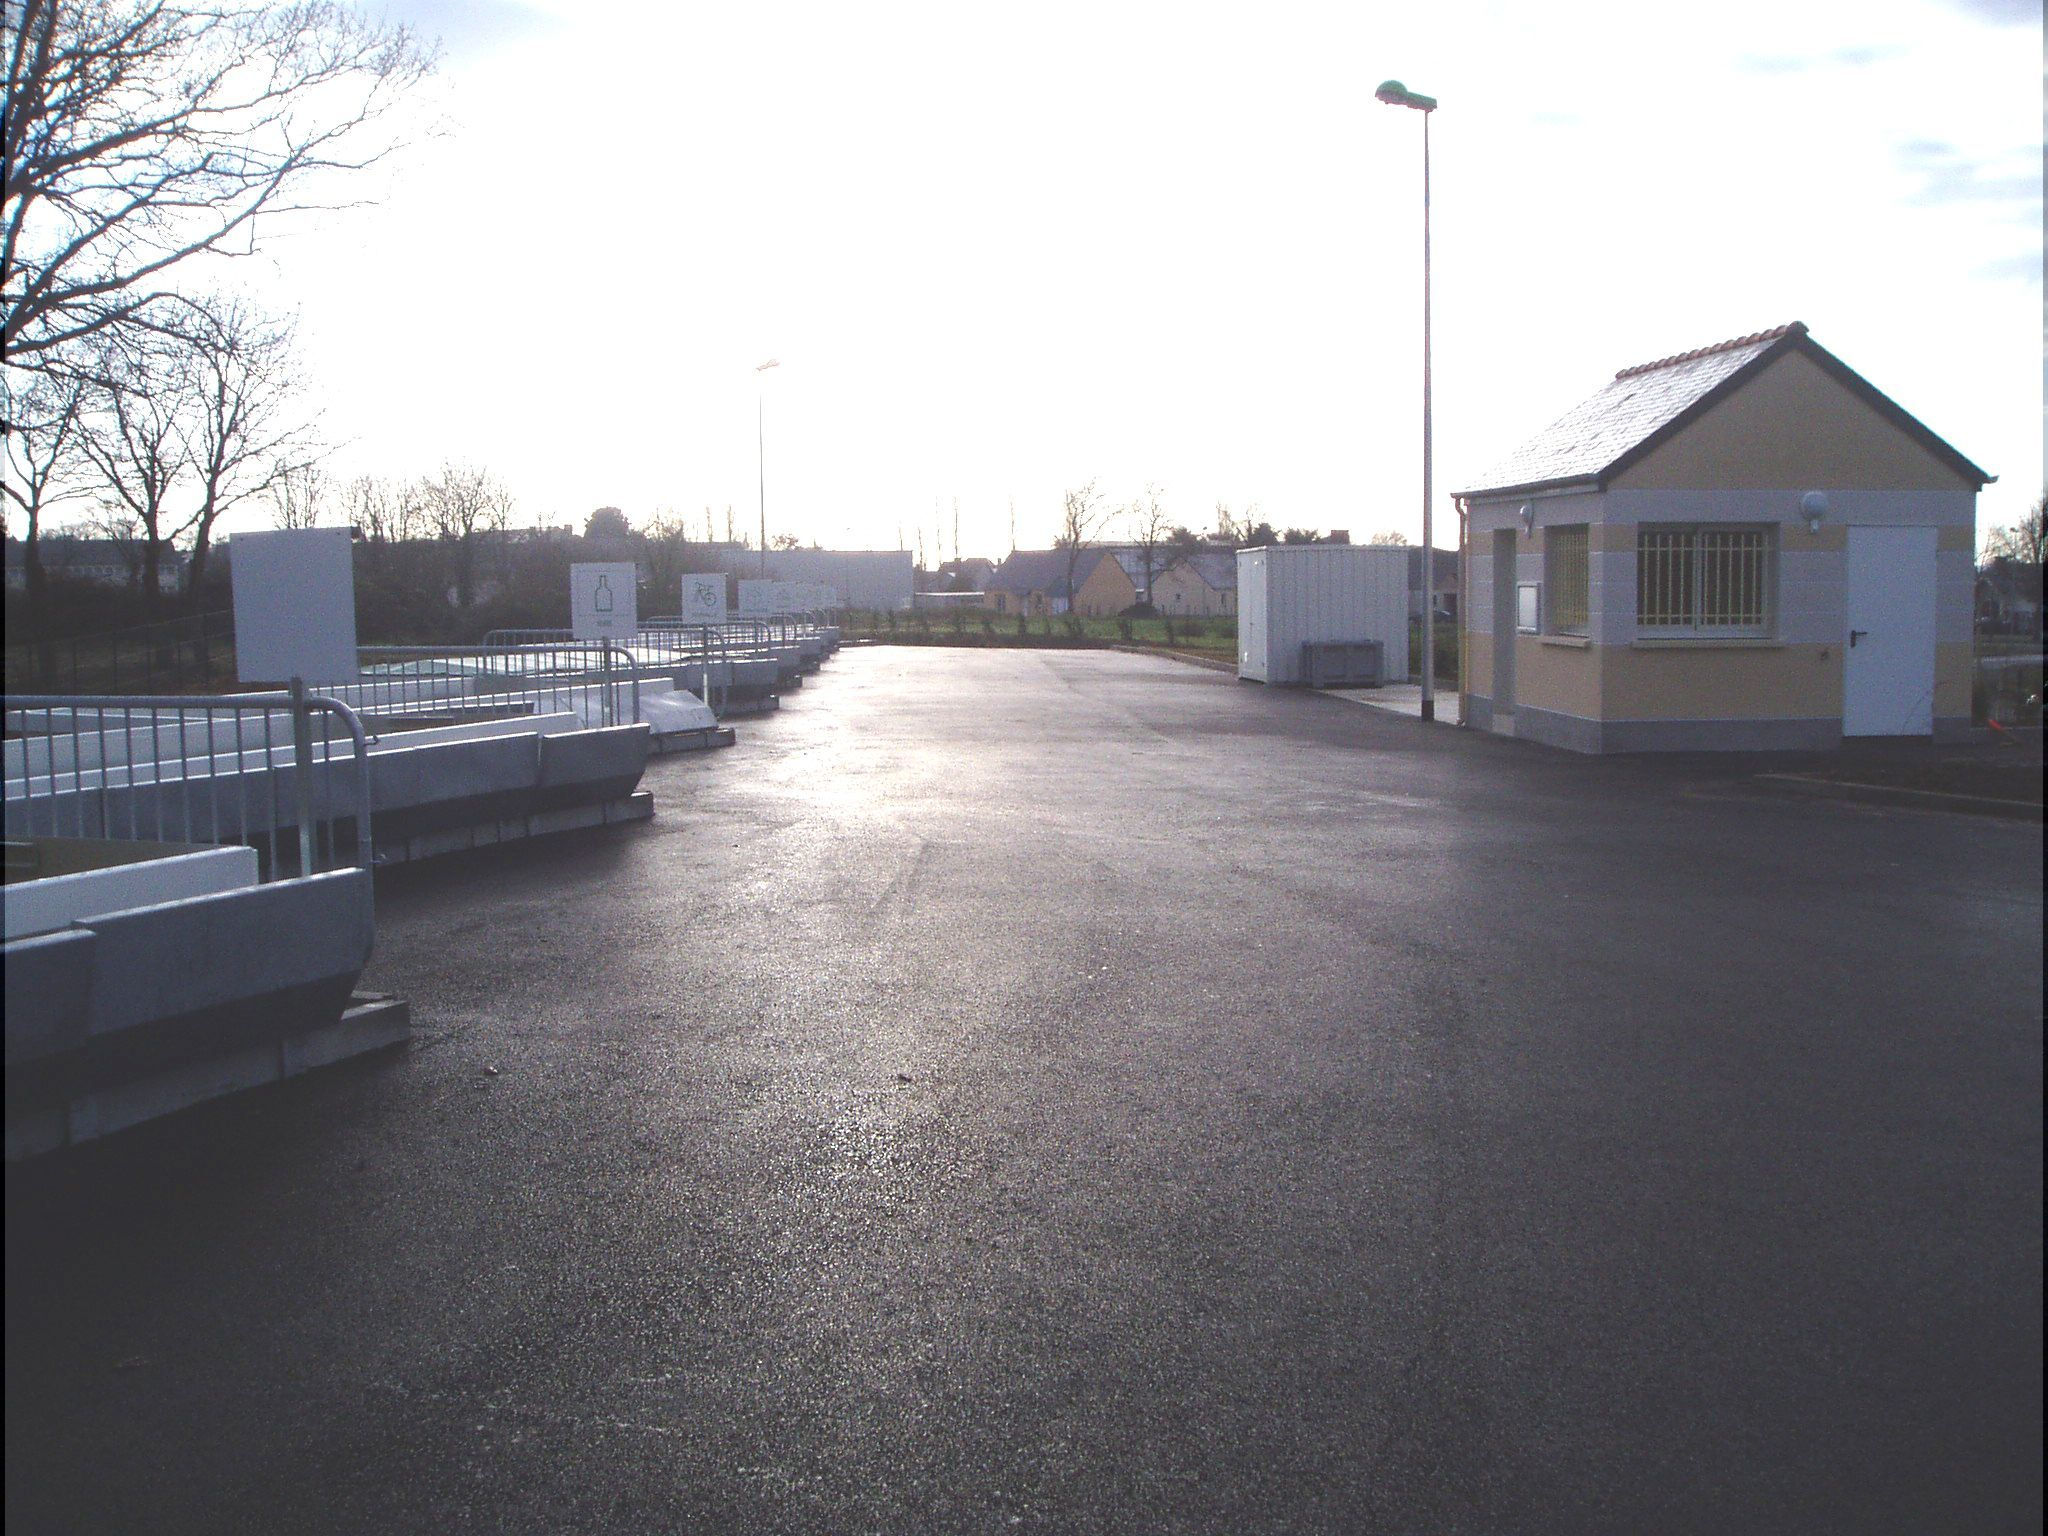 Déchèterie de Saint-Gidlas-des-Bois